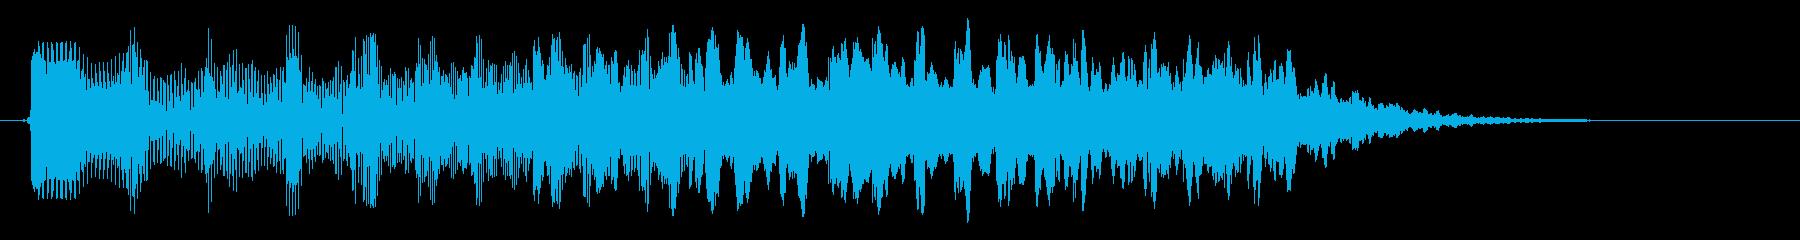 キラキラリン(アップグレード)の再生済みの波形